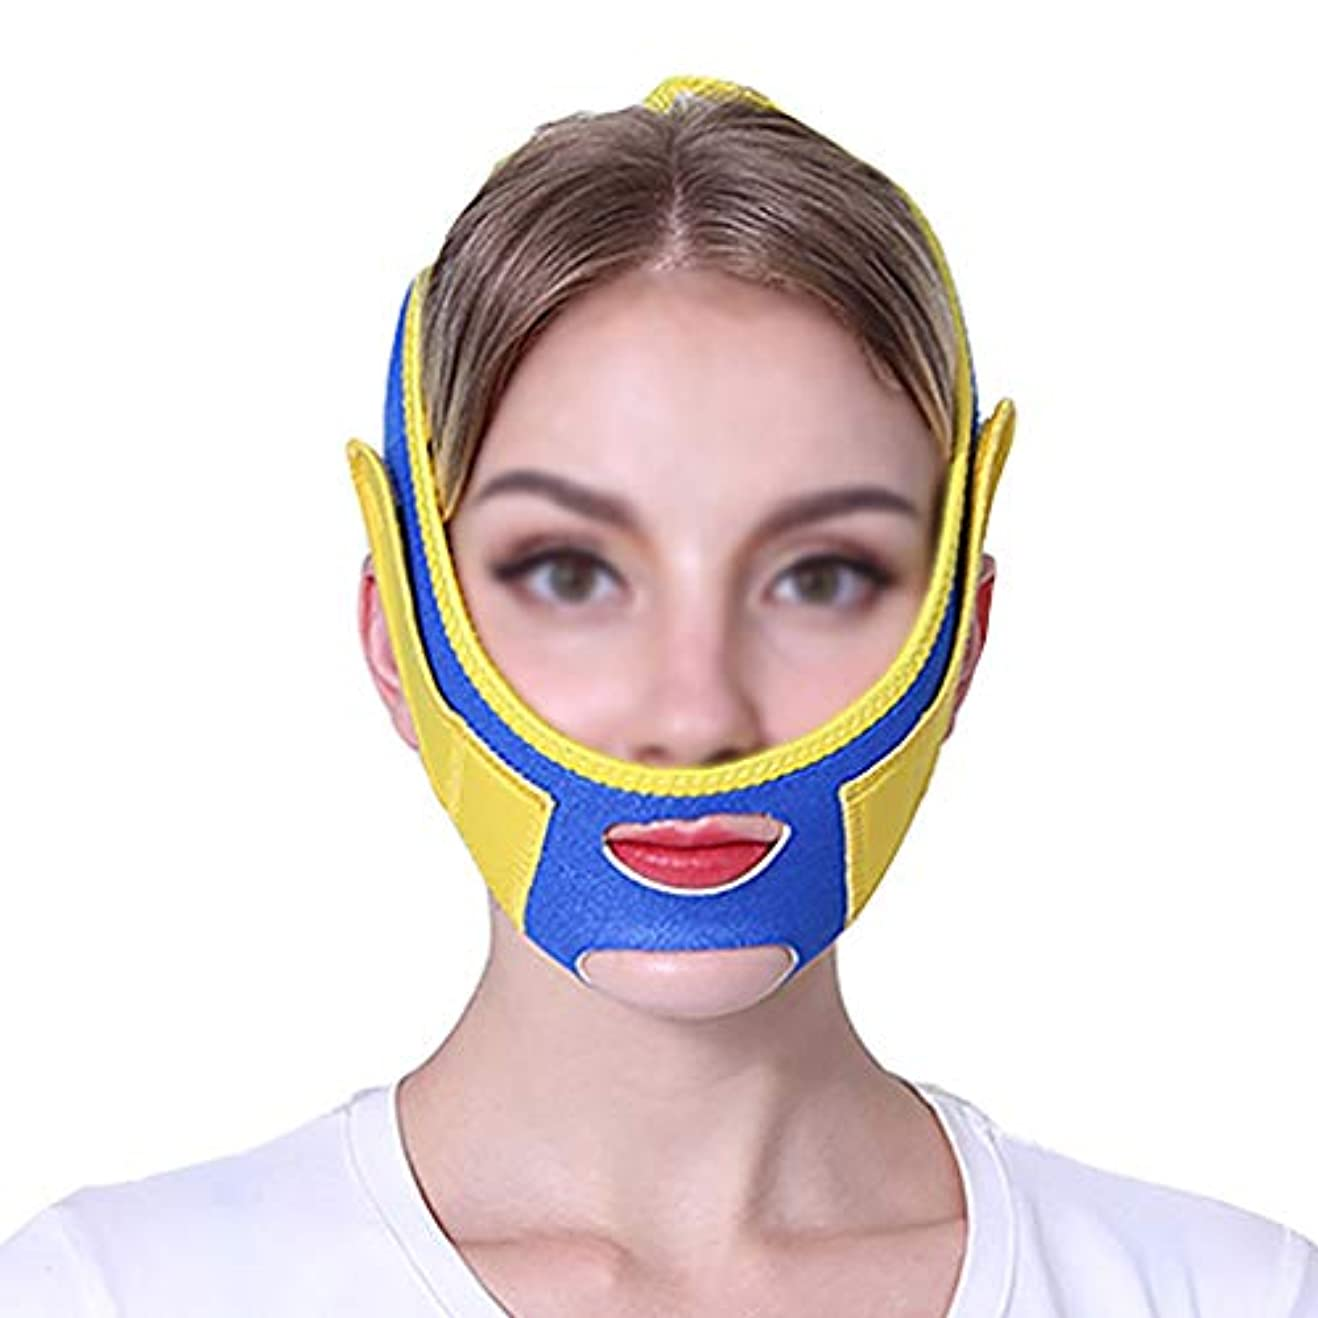 弱まる地域のシャットTLMY ファーミングマスクスモールvフェイスアーティファクトリフティングマスクフェイスリフティングフェイスリフティングマスクファーミングクリームフェイシャルリフティング包帯 顔用整形マスク